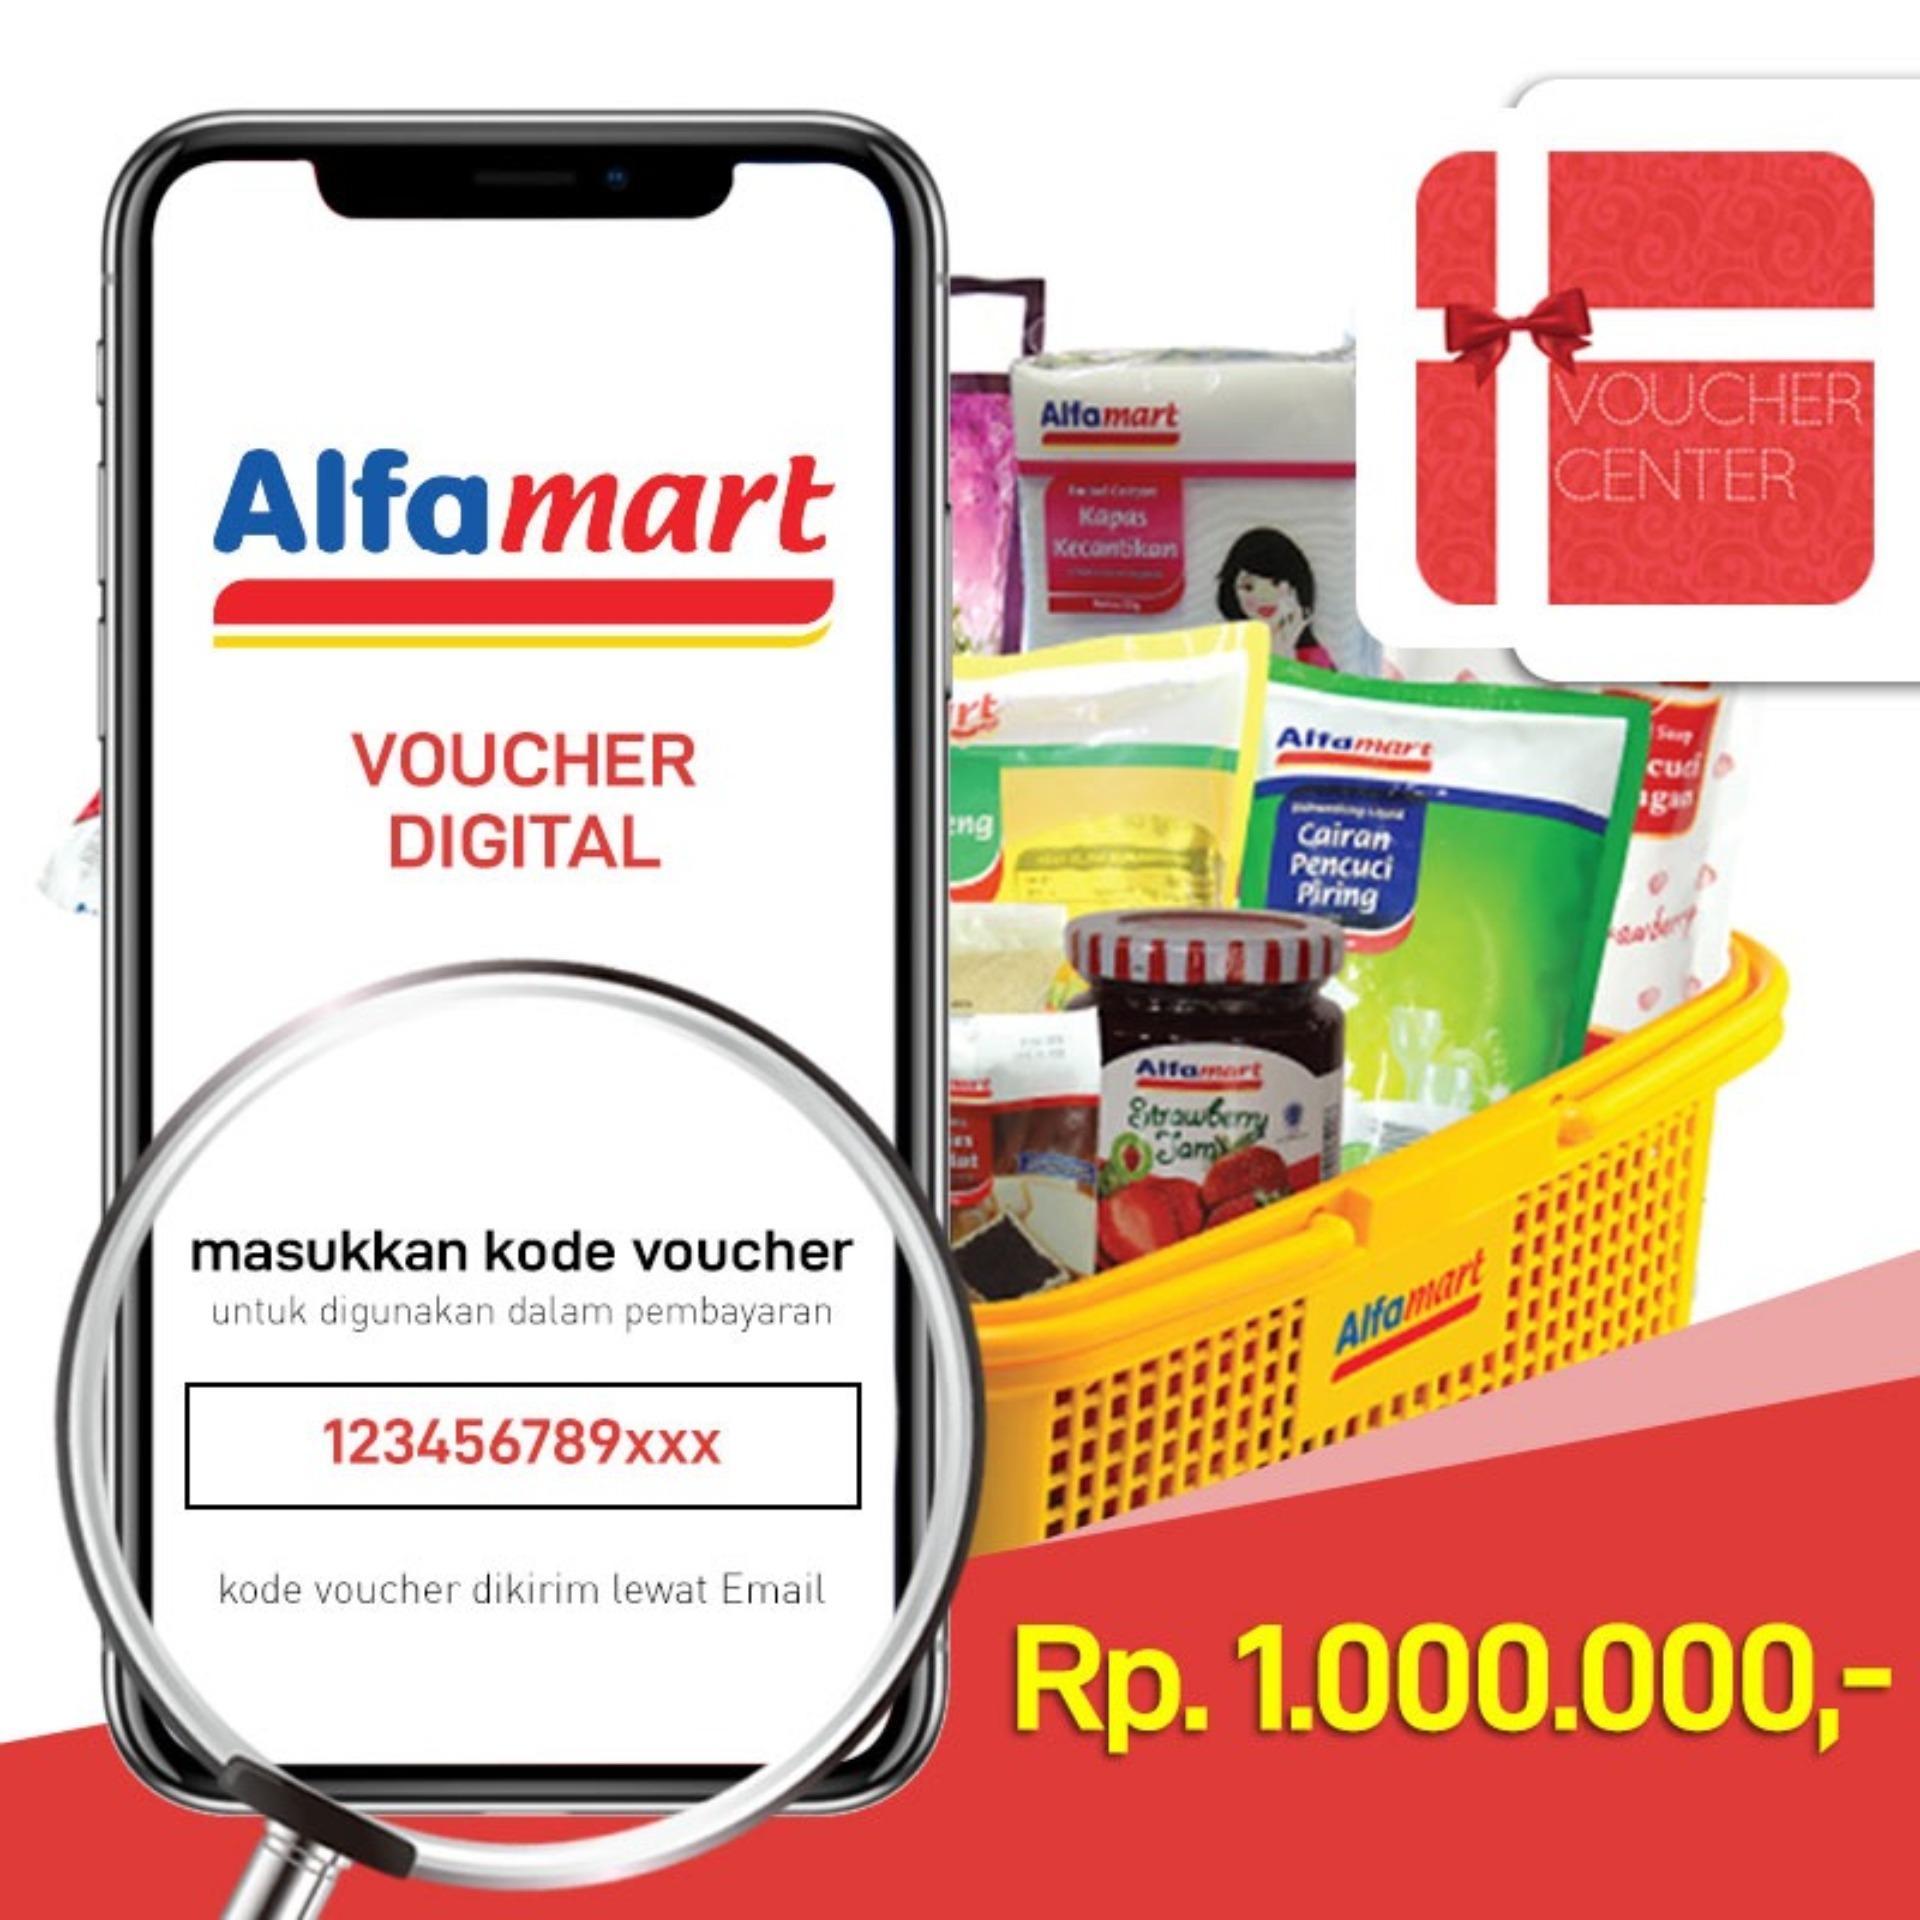 Voucher Alfamart Rp 1.000.000 - Digital Code